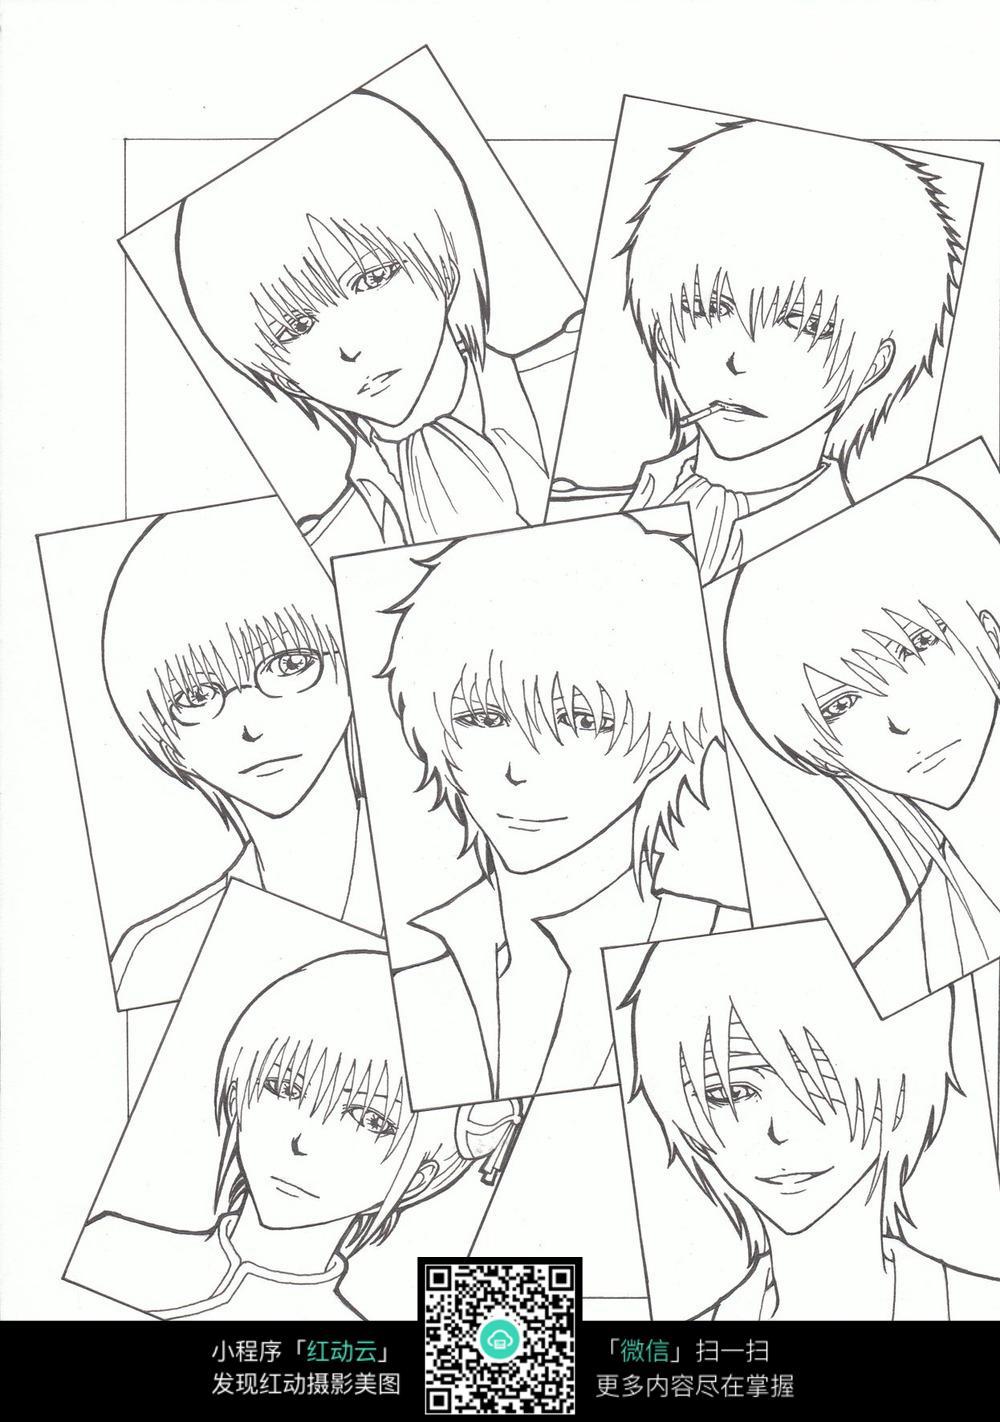 理发店男孩发型图片线描_人物卡通图片图片